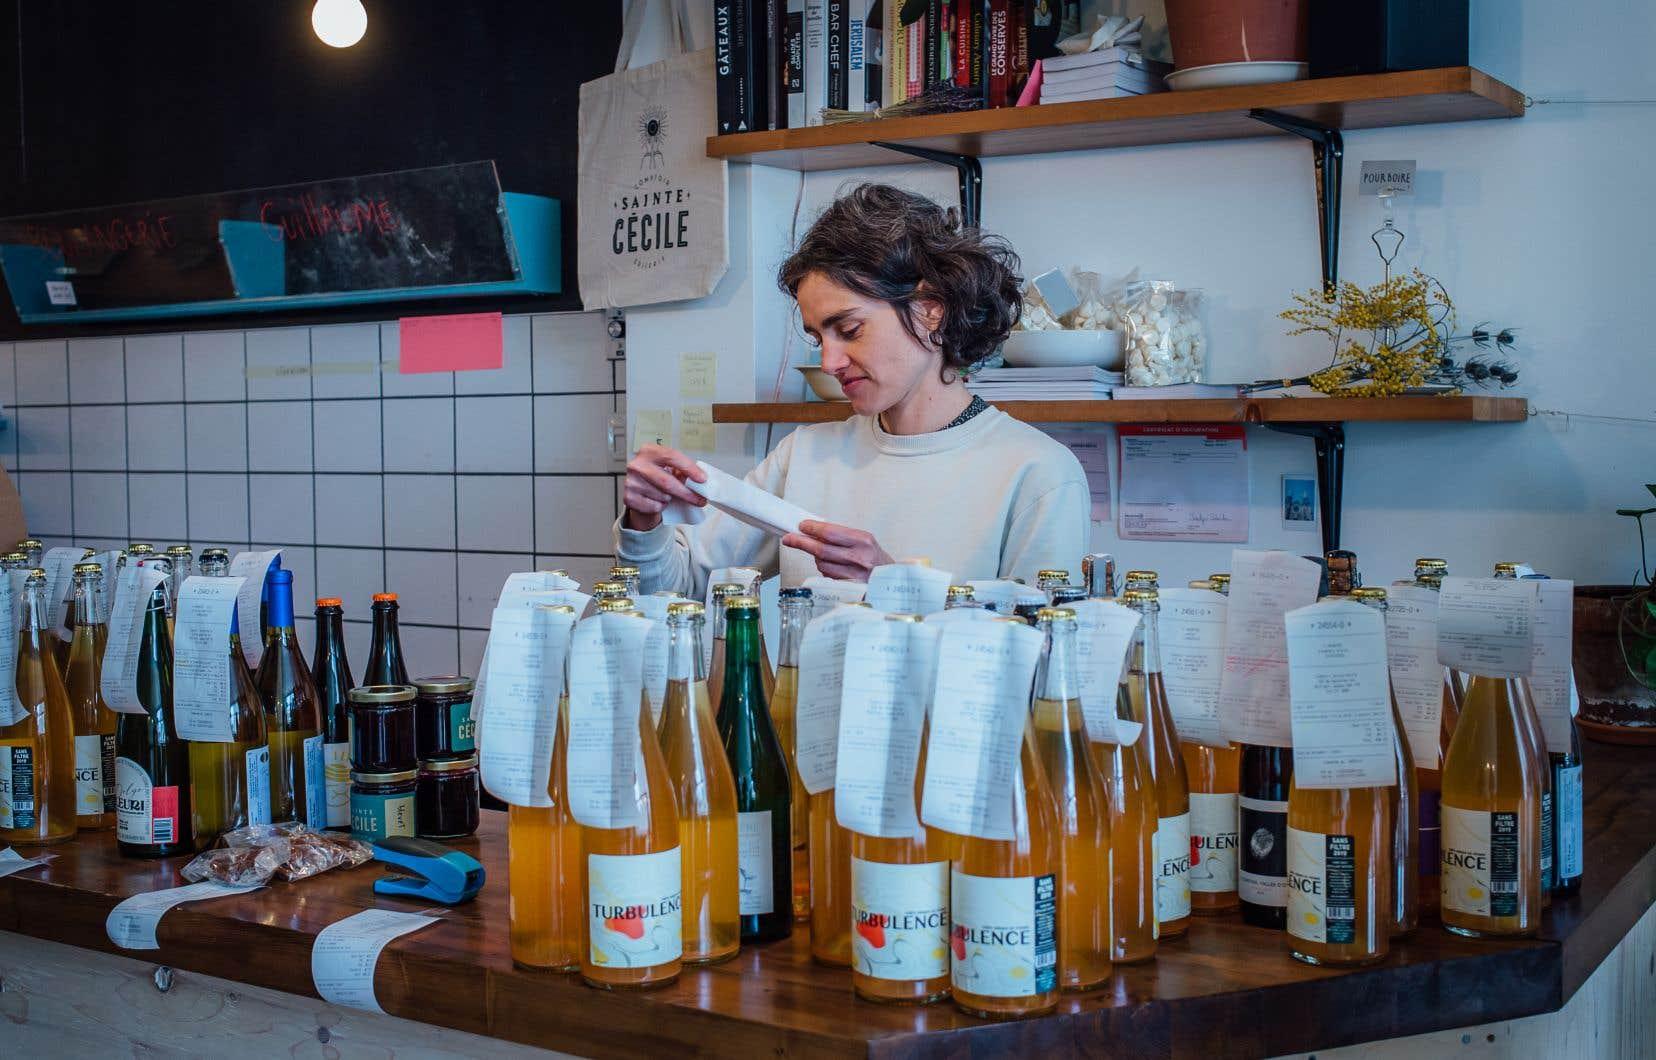 Le Comptoir Sainte-Cécile, installé depuis quelques années dans le quartier Villeray, a décidé de se tourner vers les commandes en ligne en réponse aux mesures de confinement. Sur la photo, la copropriétaire de l'épicerie de quartier, Adèle Prud'homme.